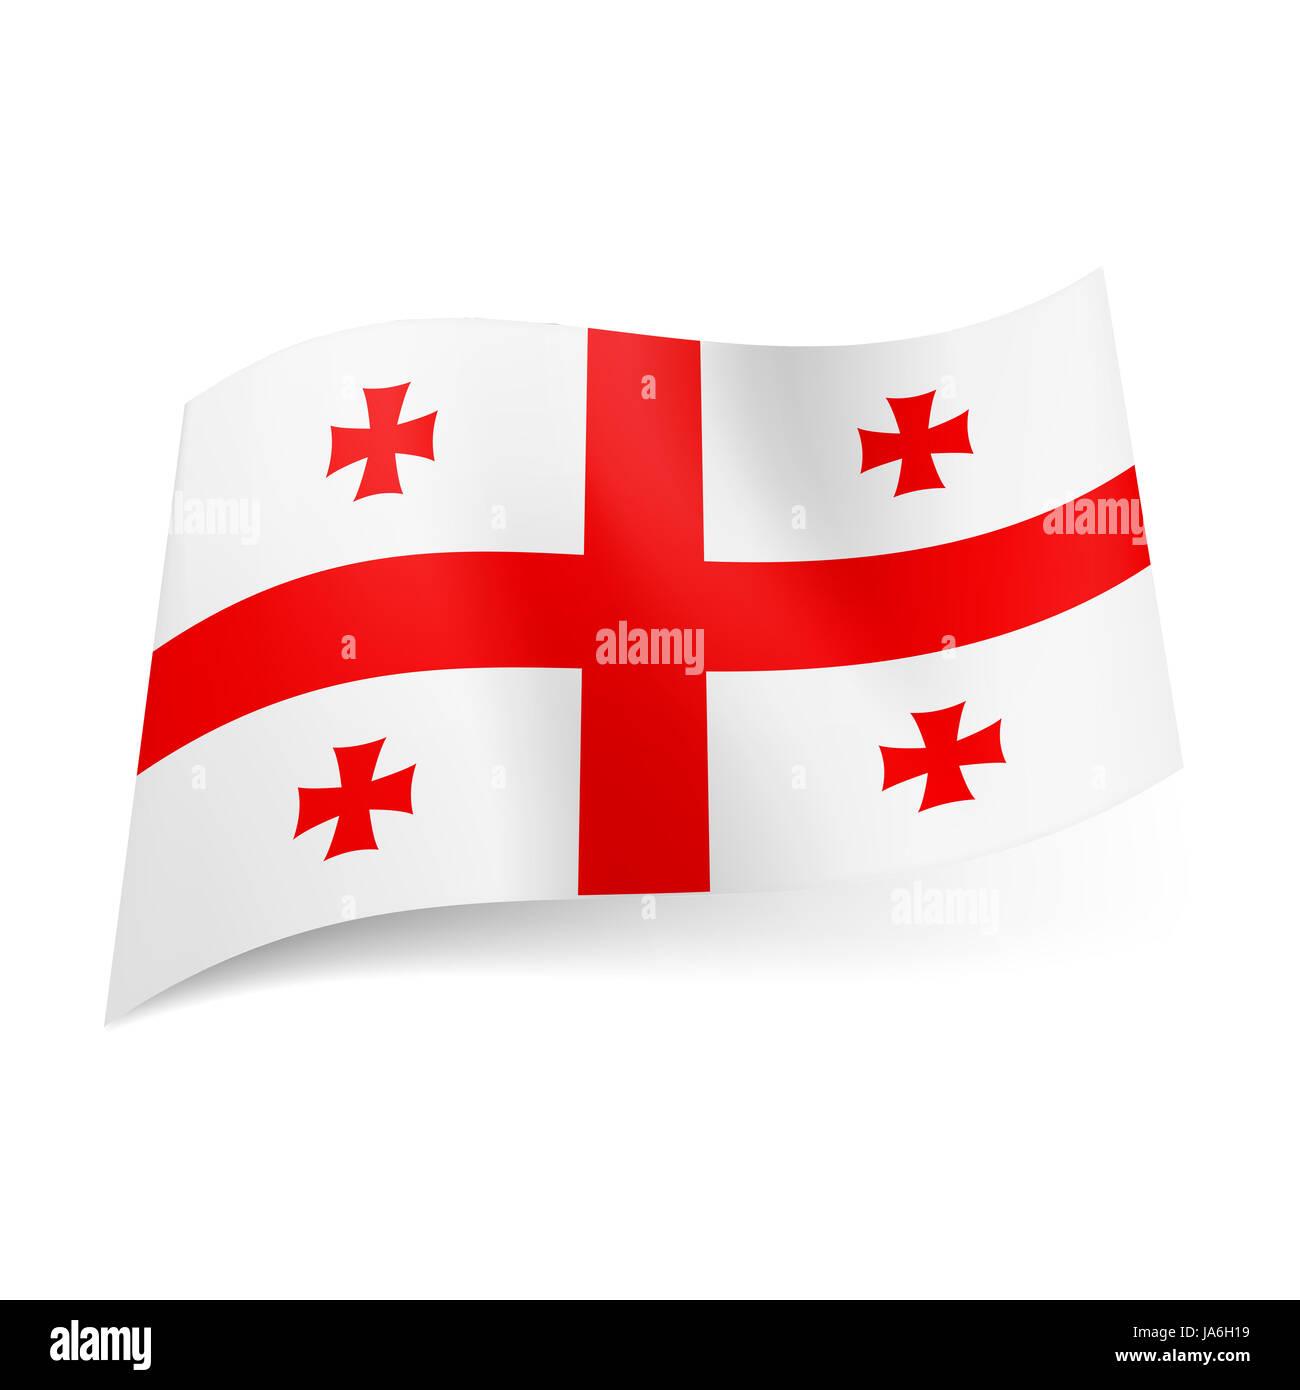 Bandiera Nazionale Della Georgia Centrale A Croce Rossa Con Quattro